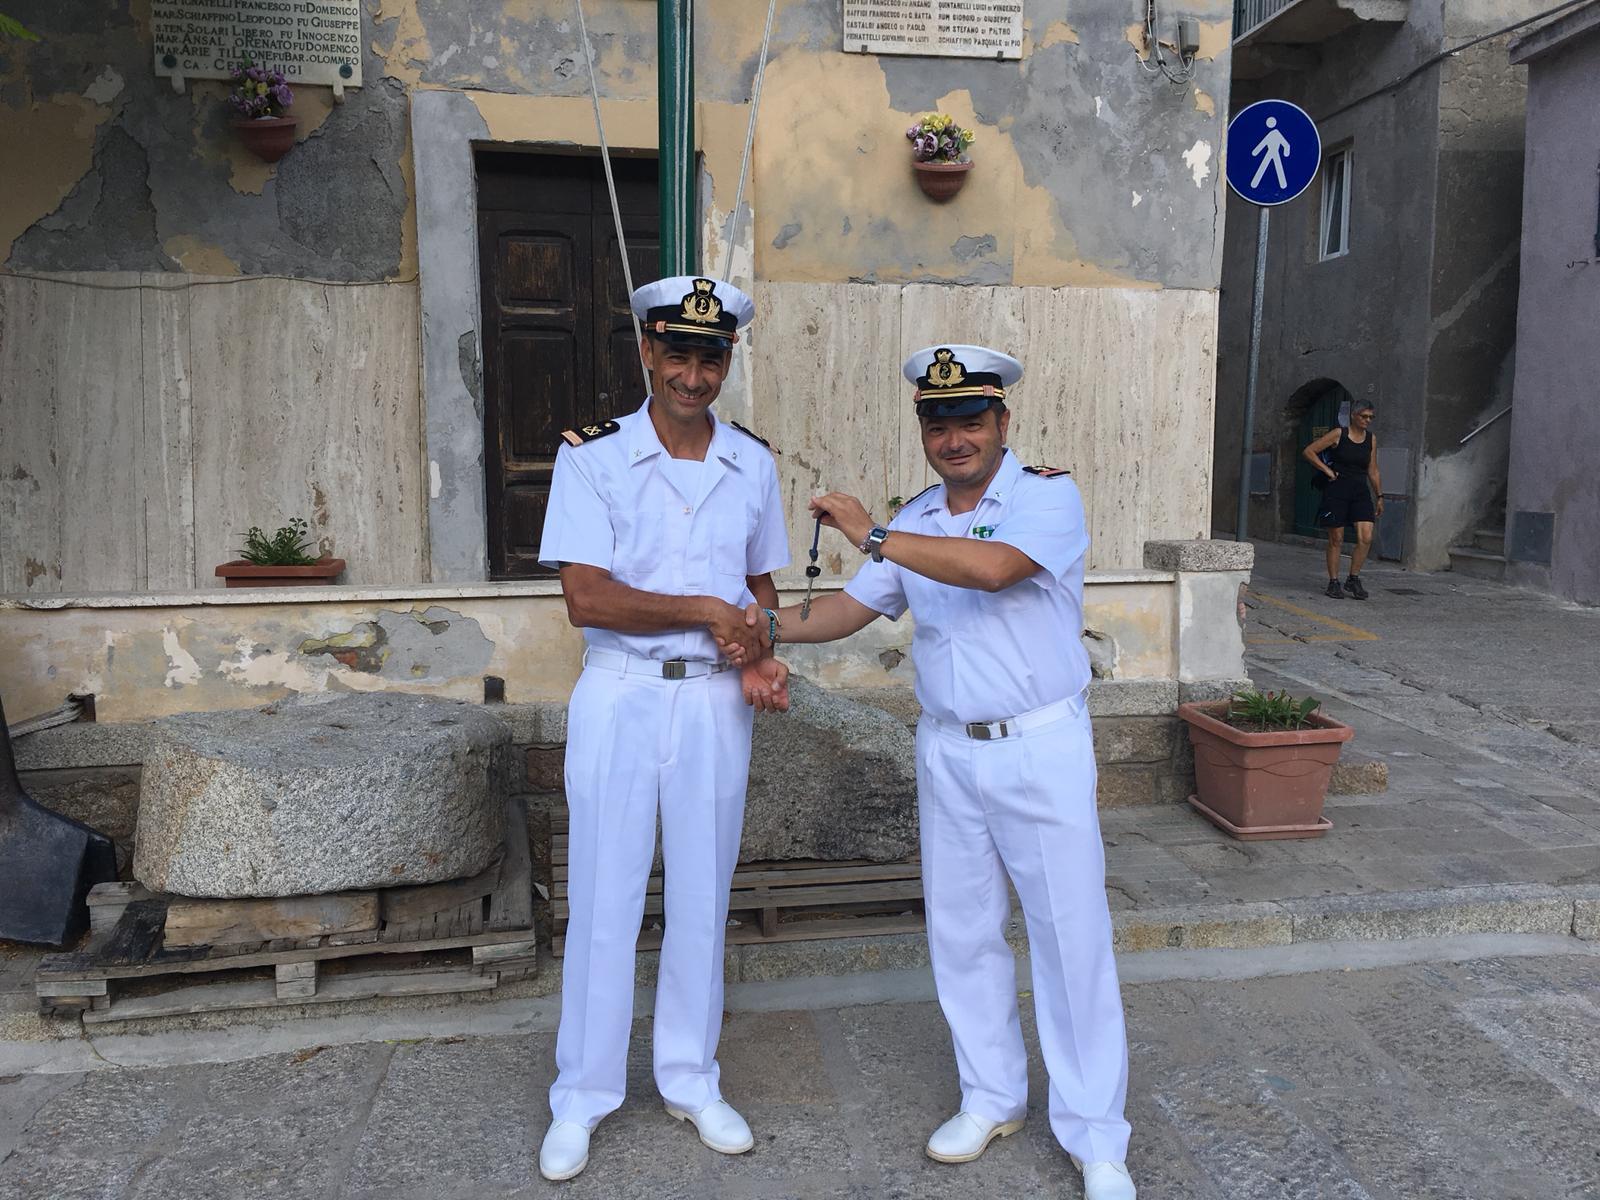 passaggio di consegne guardia costiera isola del giglio giglionews